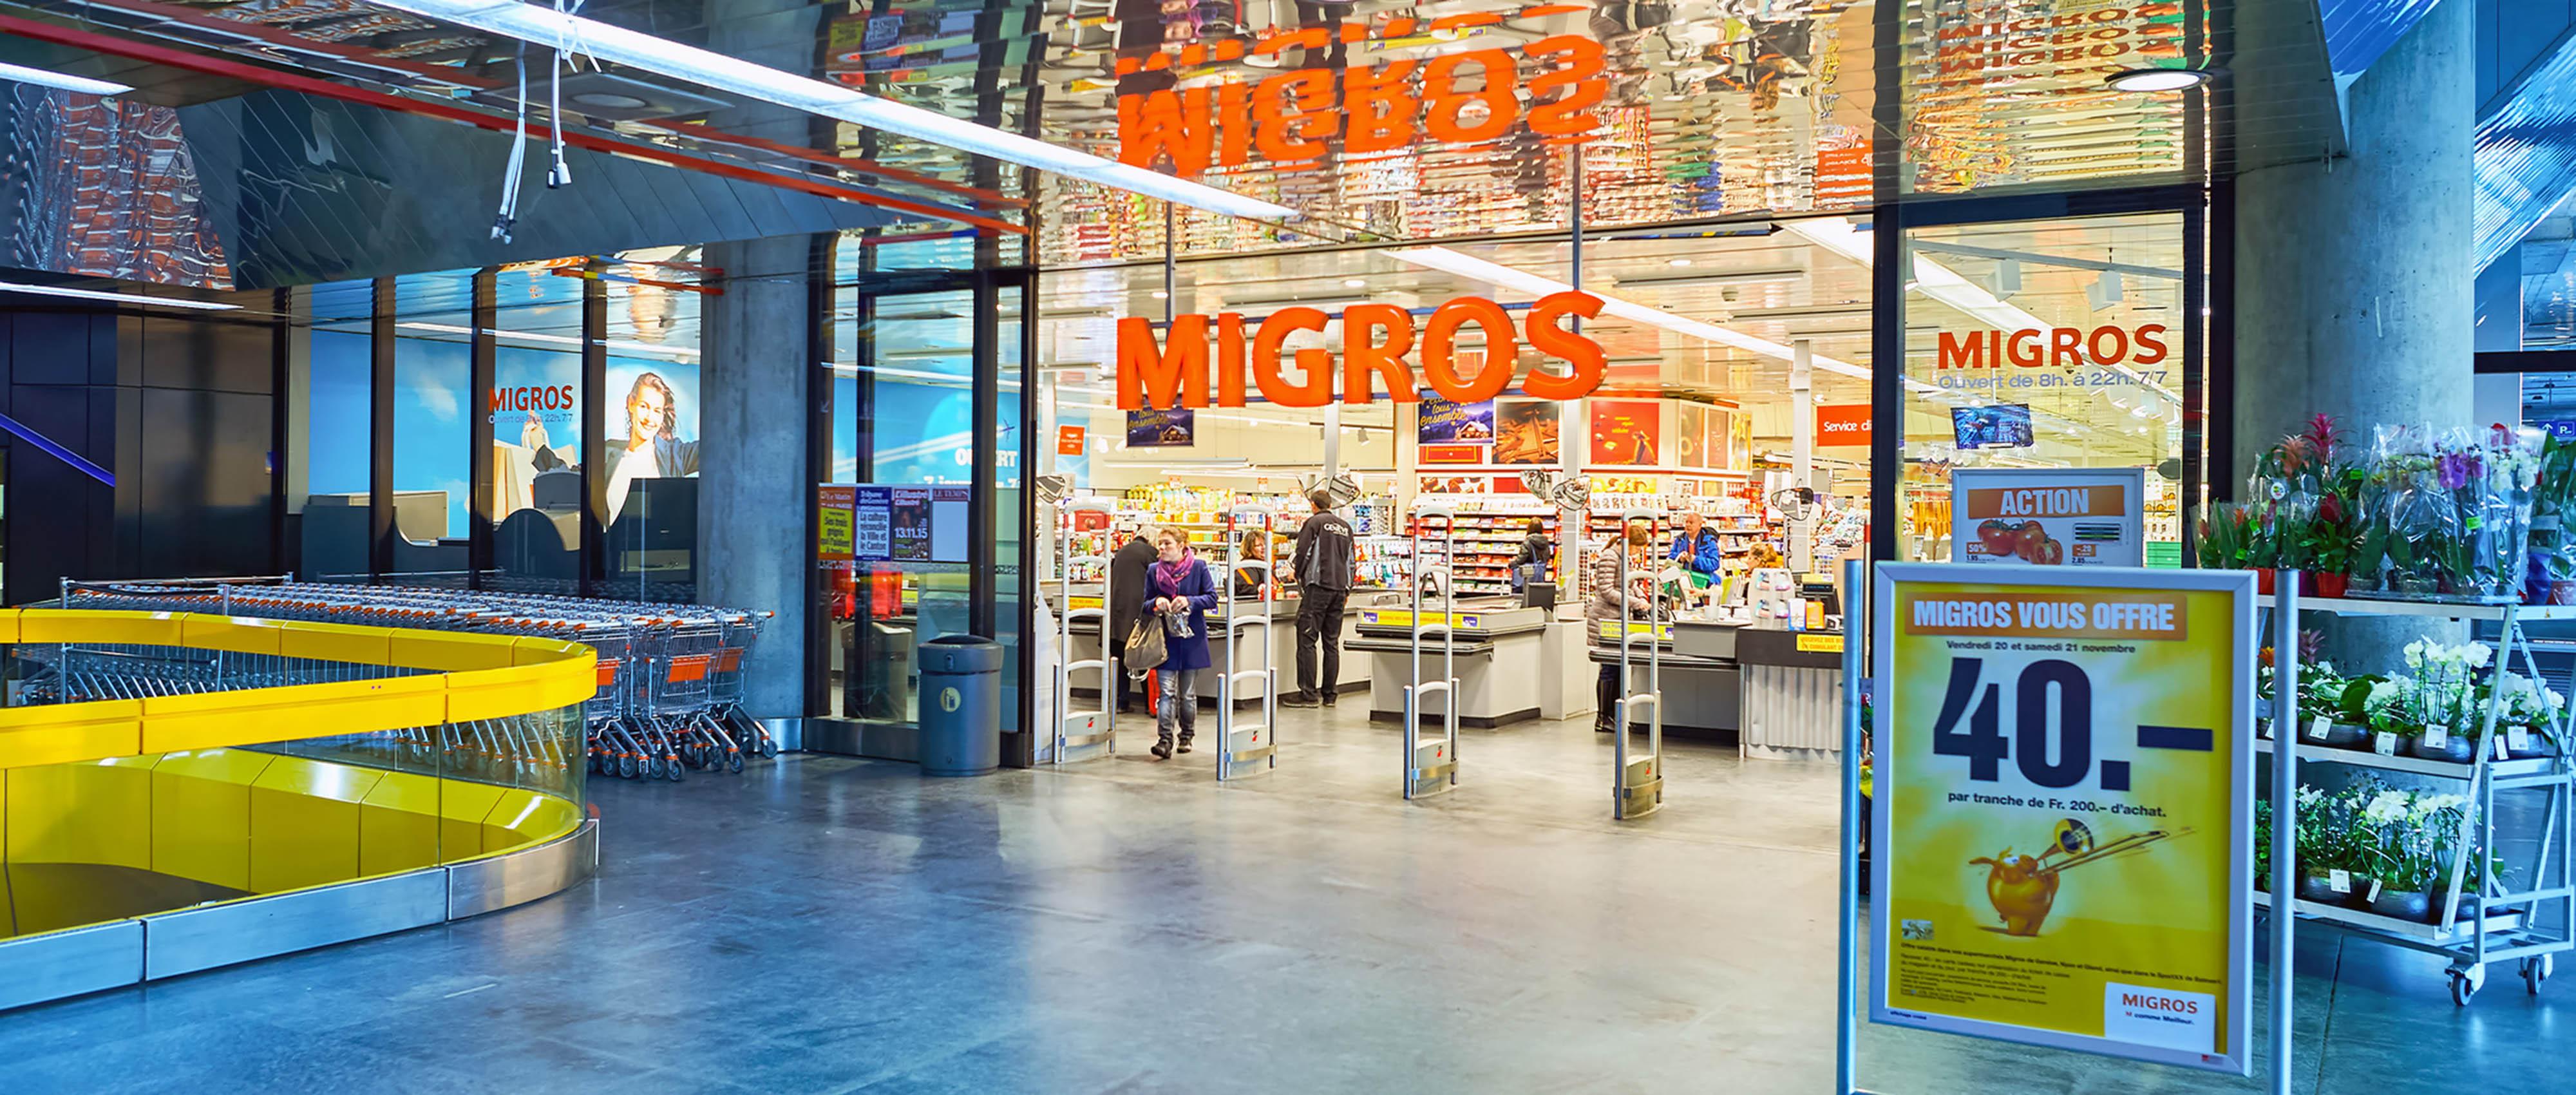 Migros: Vier Firmen im Verkaufsregal - MÖBELMARKT